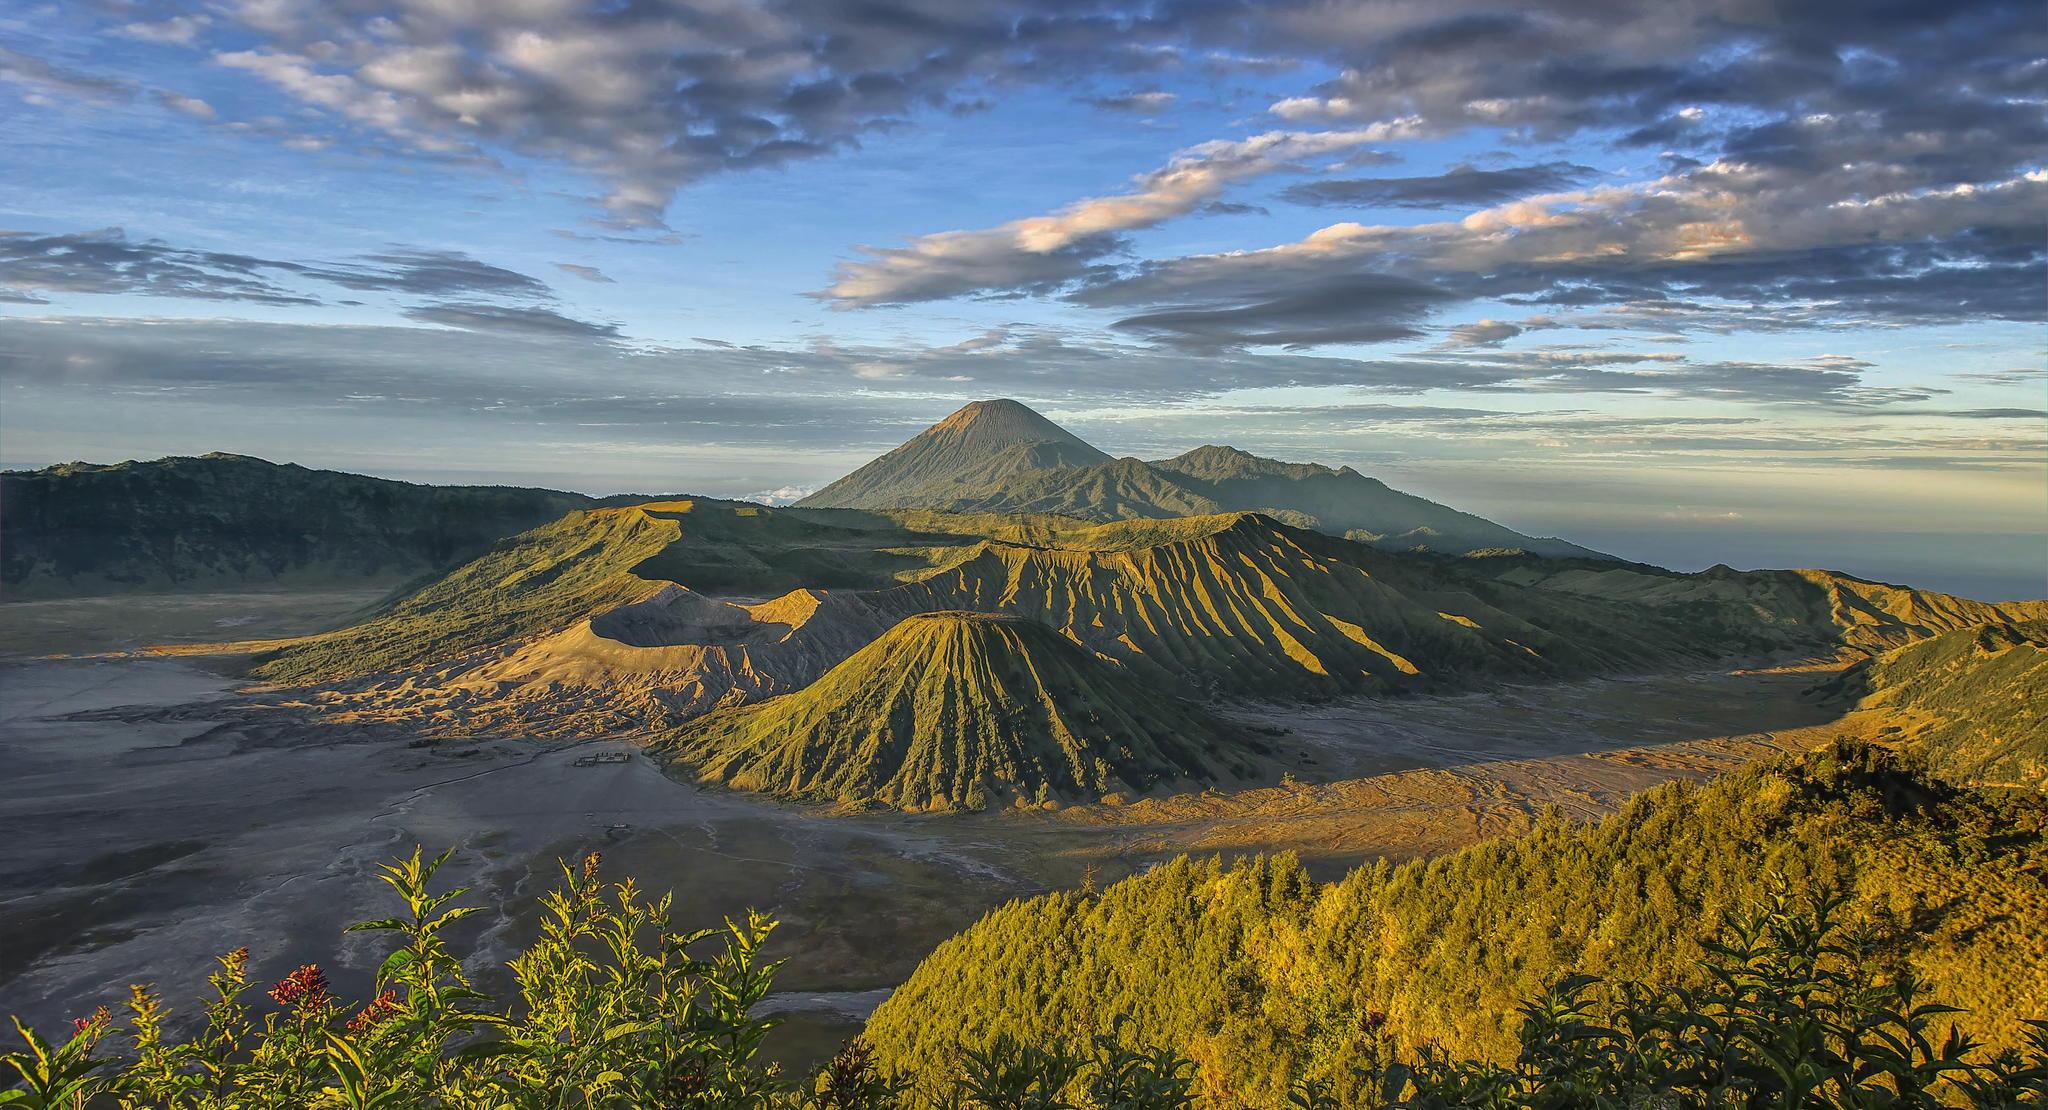 Wisata Alam Di Kota Malang Sunrise Indonesia